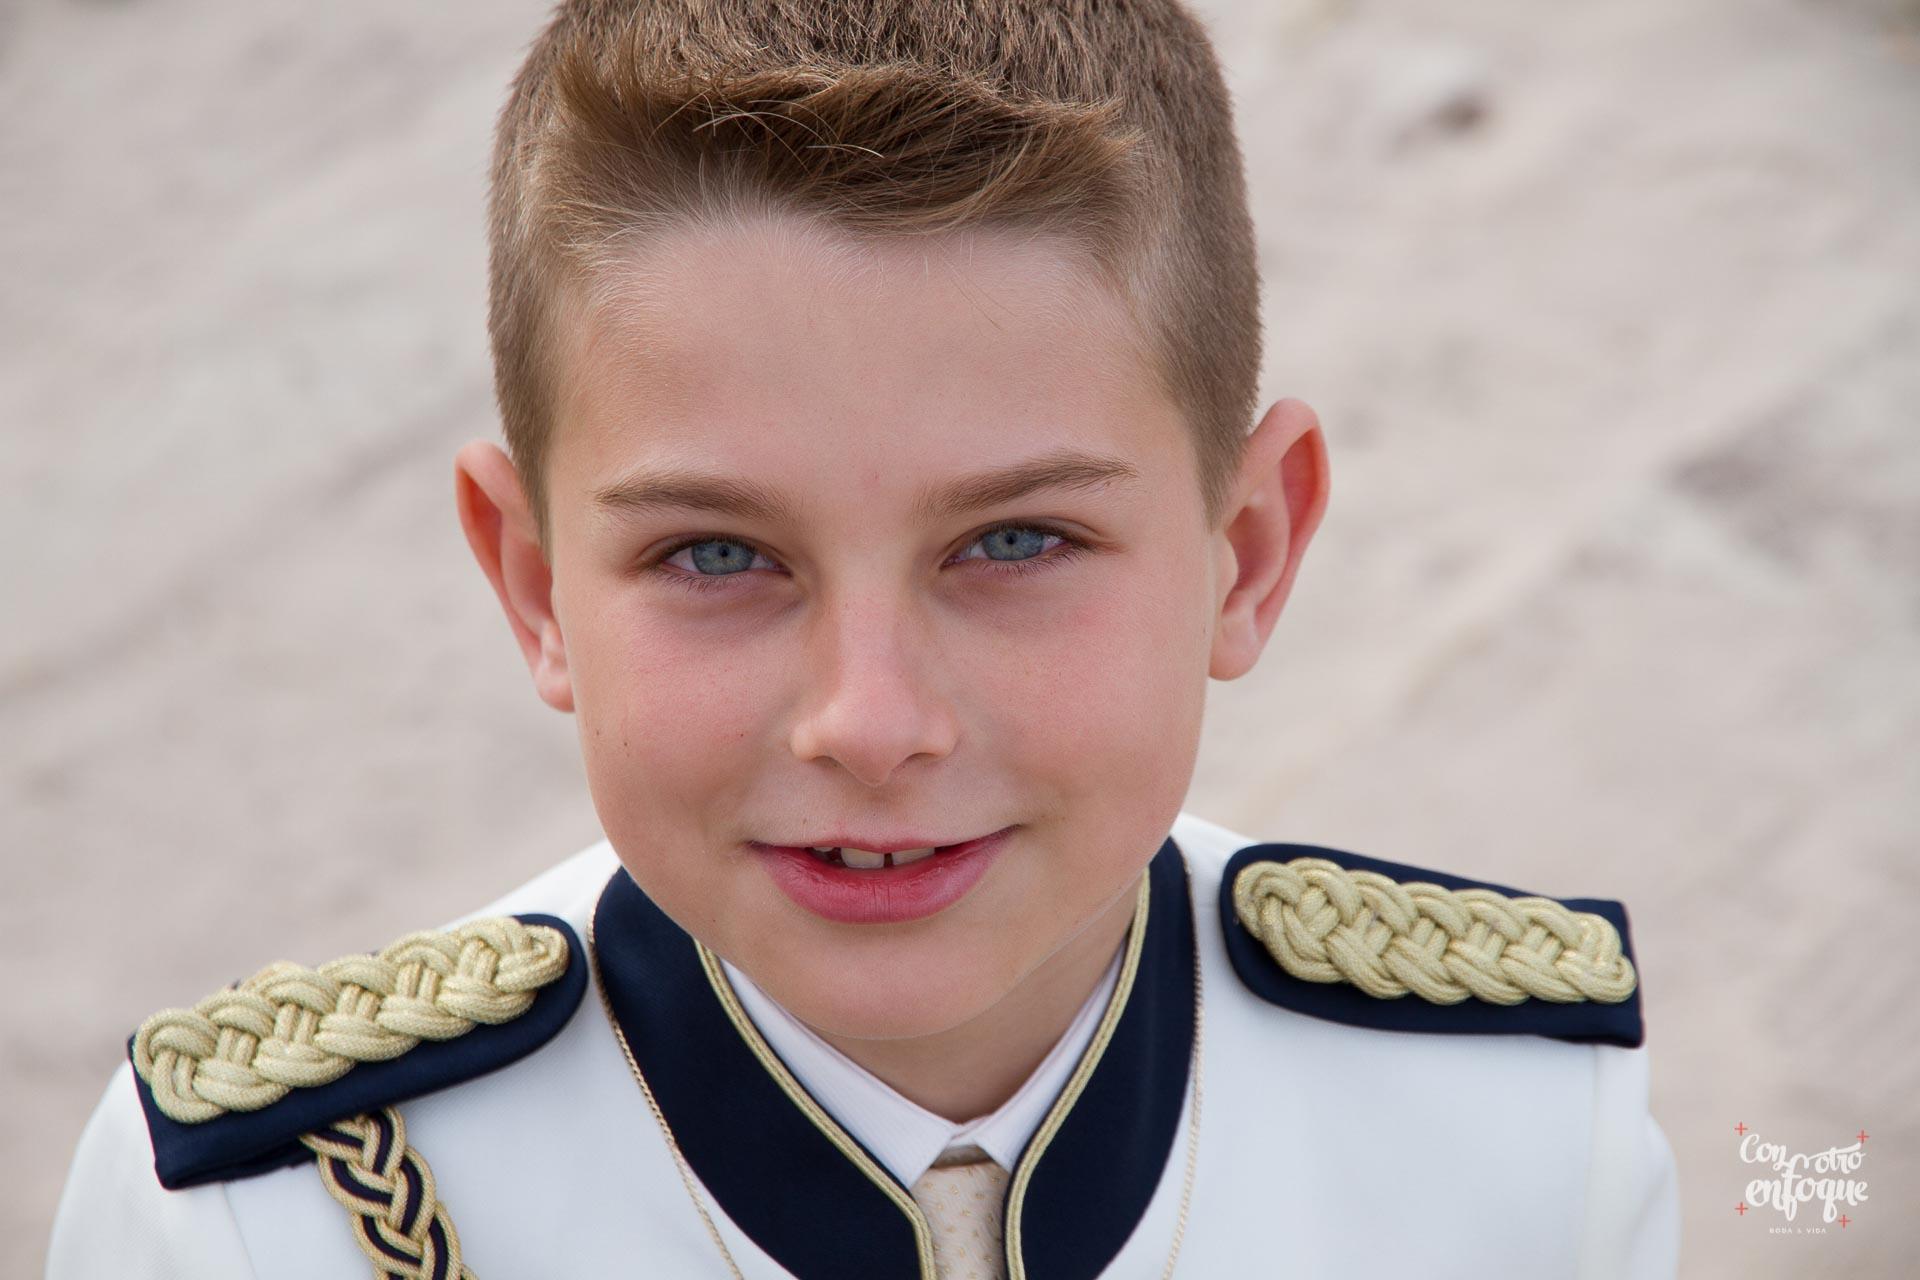 Día de Comunión para un niño Almirante